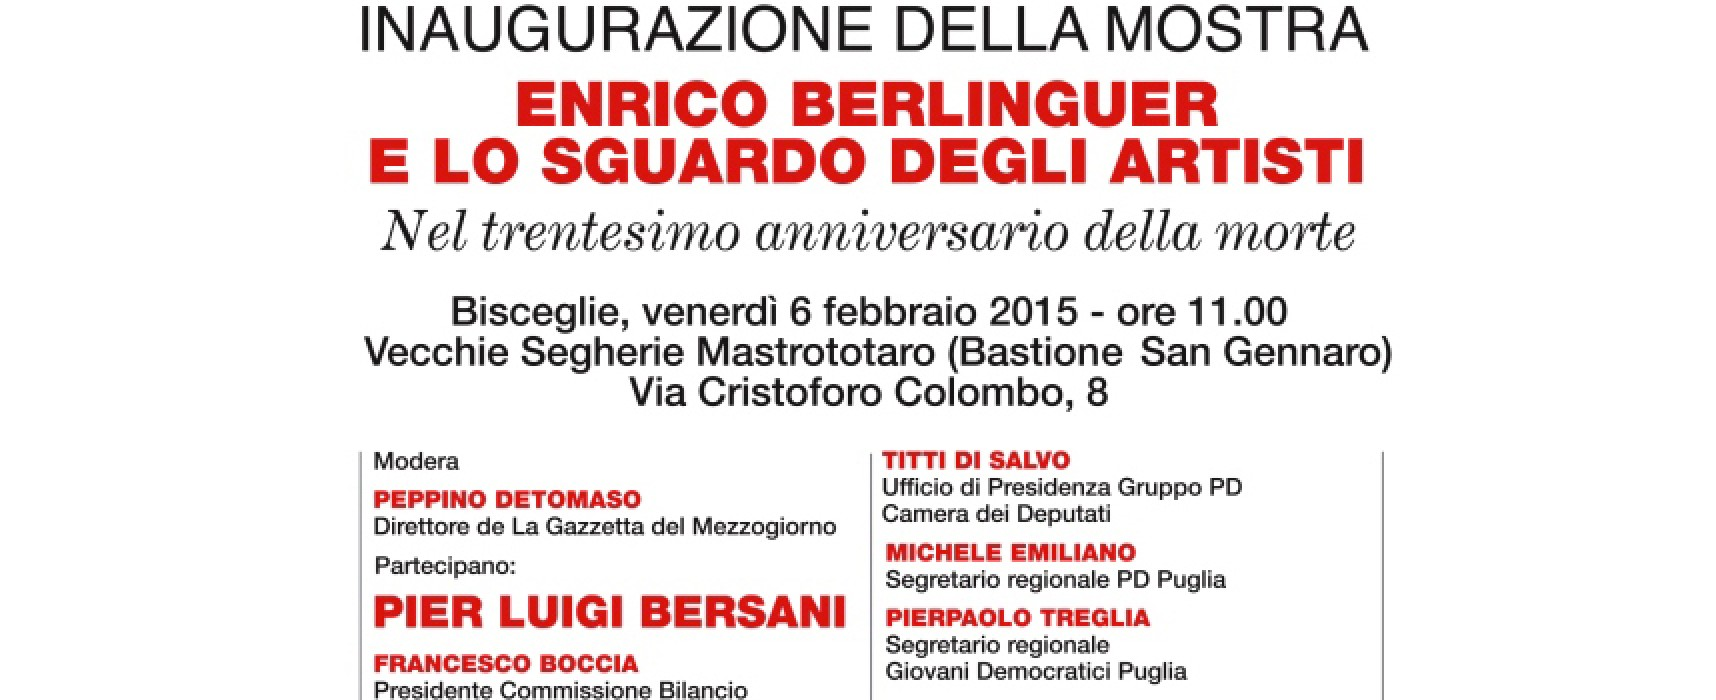 Inaugurazione della mostra su Berlinguer con Bersani, Emiliano e Boccia / LIVE STREAMING